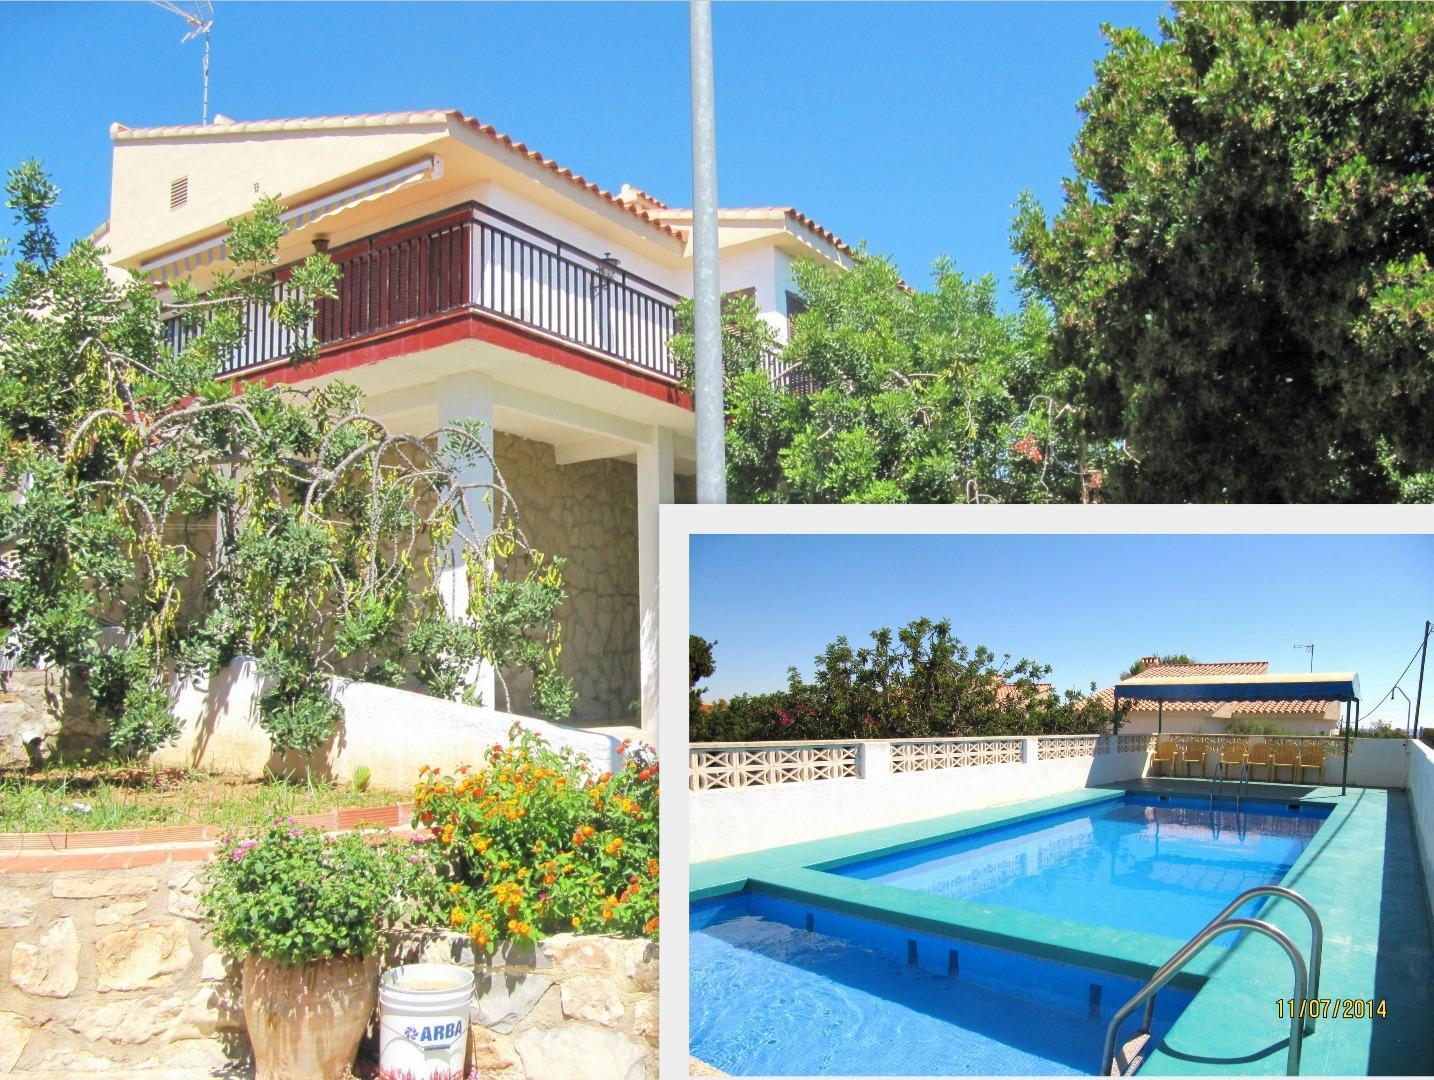 Lloguer de temporada Casa  Peñíscola / peníscola - las atalayas - urmi - cerro de mar. Amplio, 3 habit. dos baños, piscina et internet.